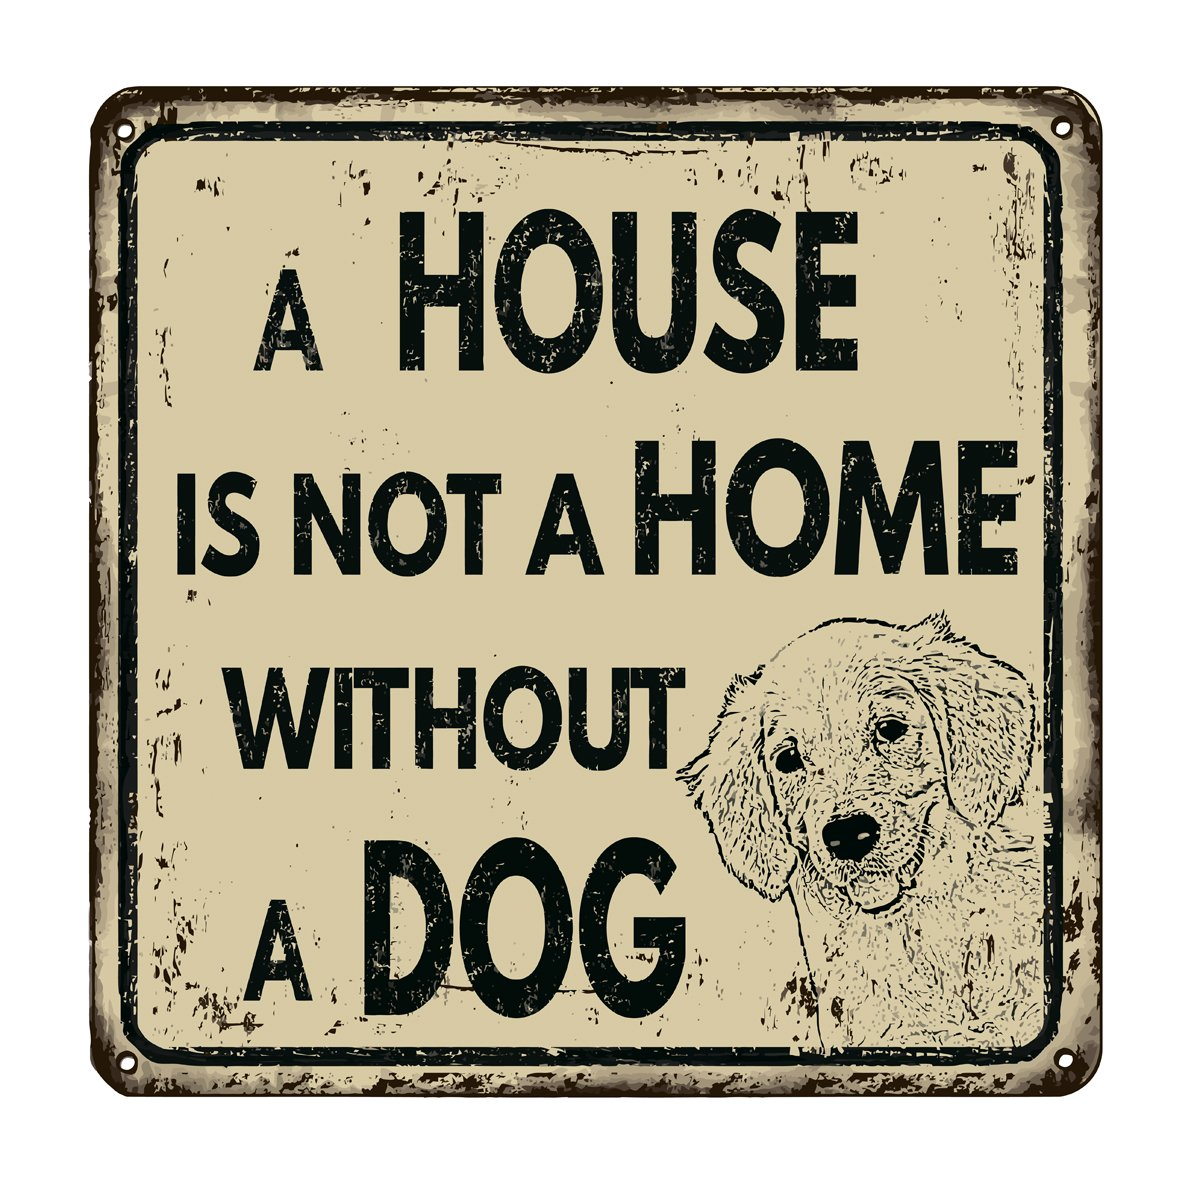 Постер-картина Смешные таблички Дом не дом без собака ретро металлический знакСмешные таблички<br>Постер на холсте или бумаге. Любого нужного вам размера. В раме или без. Подвес в комплекте. Трехслойная надежная упаковка. Доставим в любую точку России. Вам осталось только повесить картину на стену!<br>